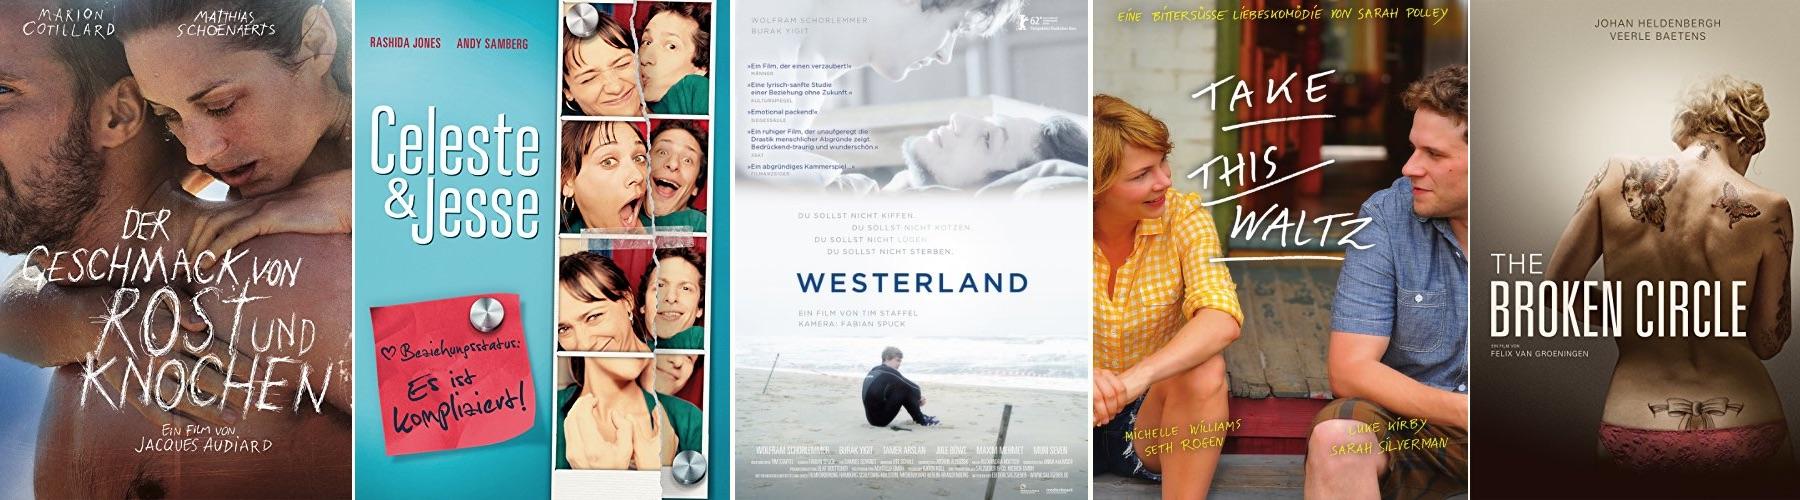 Alle neuen Liebesfilme 2013